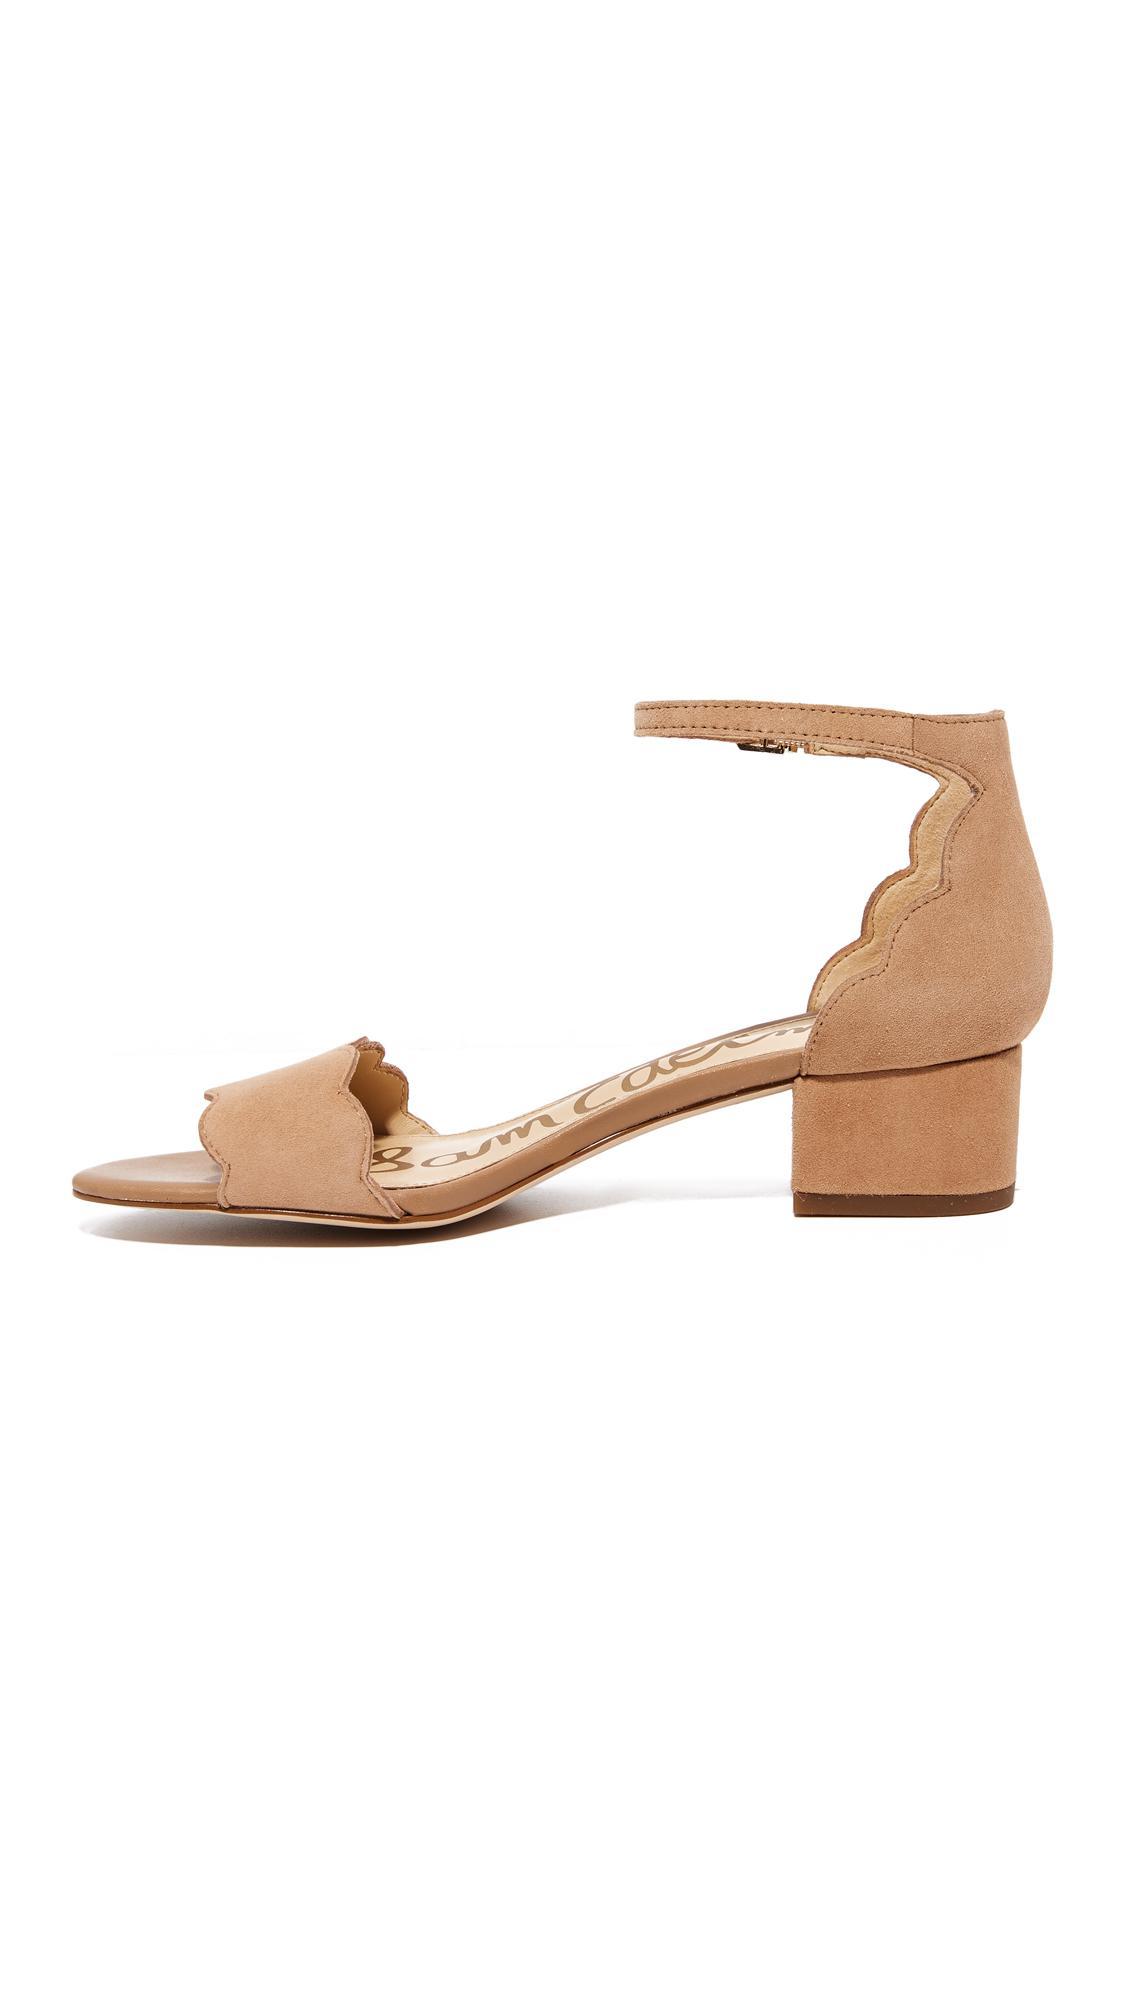 7c45ca69f6fa Sam Edelman - Multicolor Inara City Sandals - Lyst